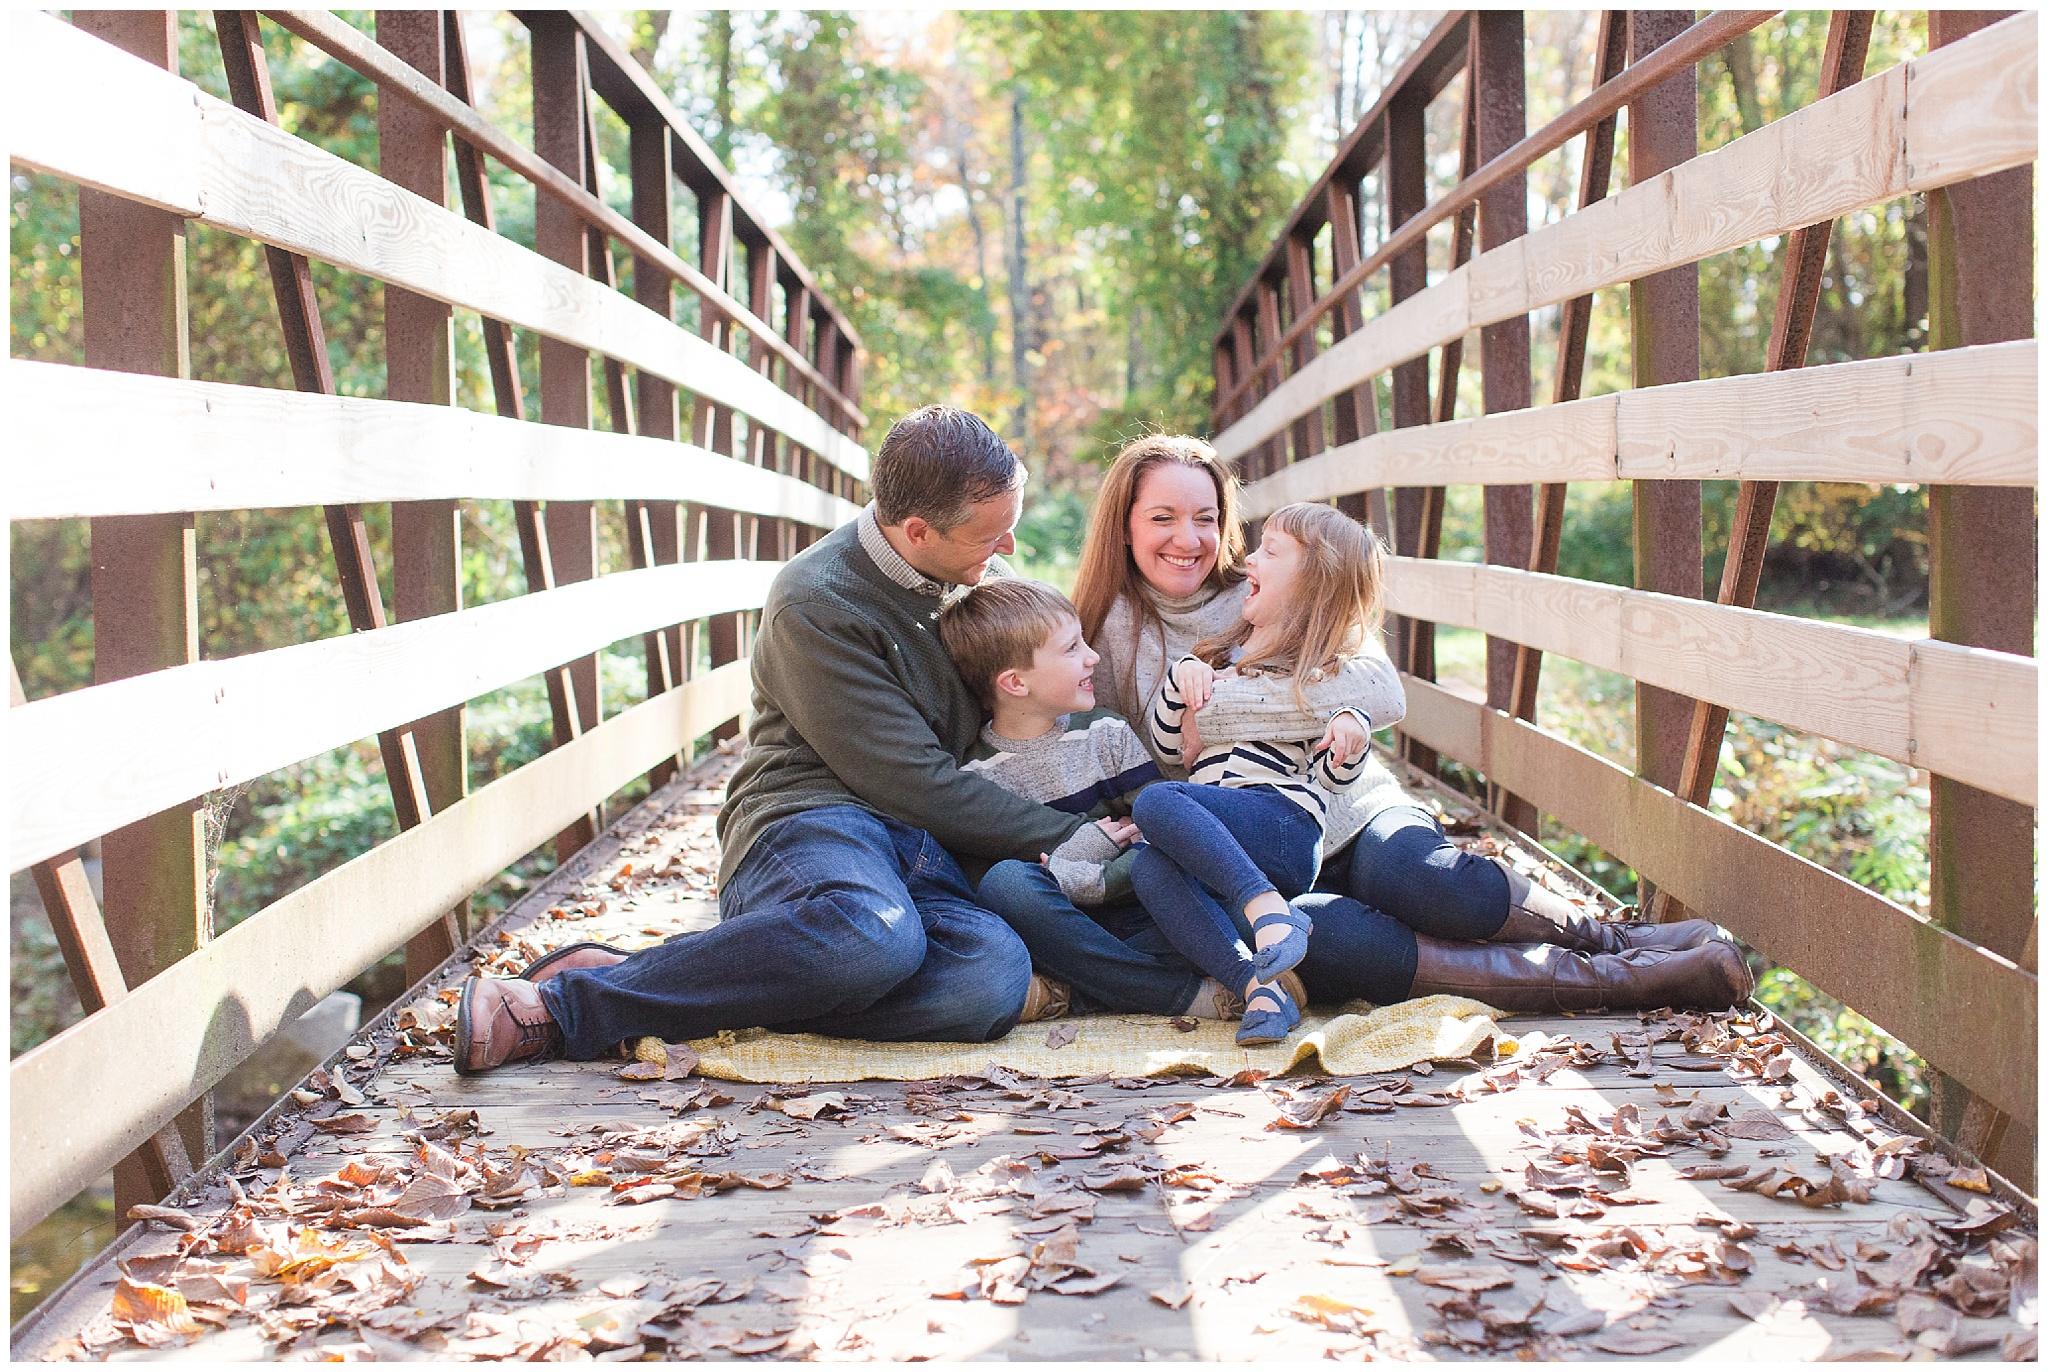 Holleran_familyphotos_0023.jpg